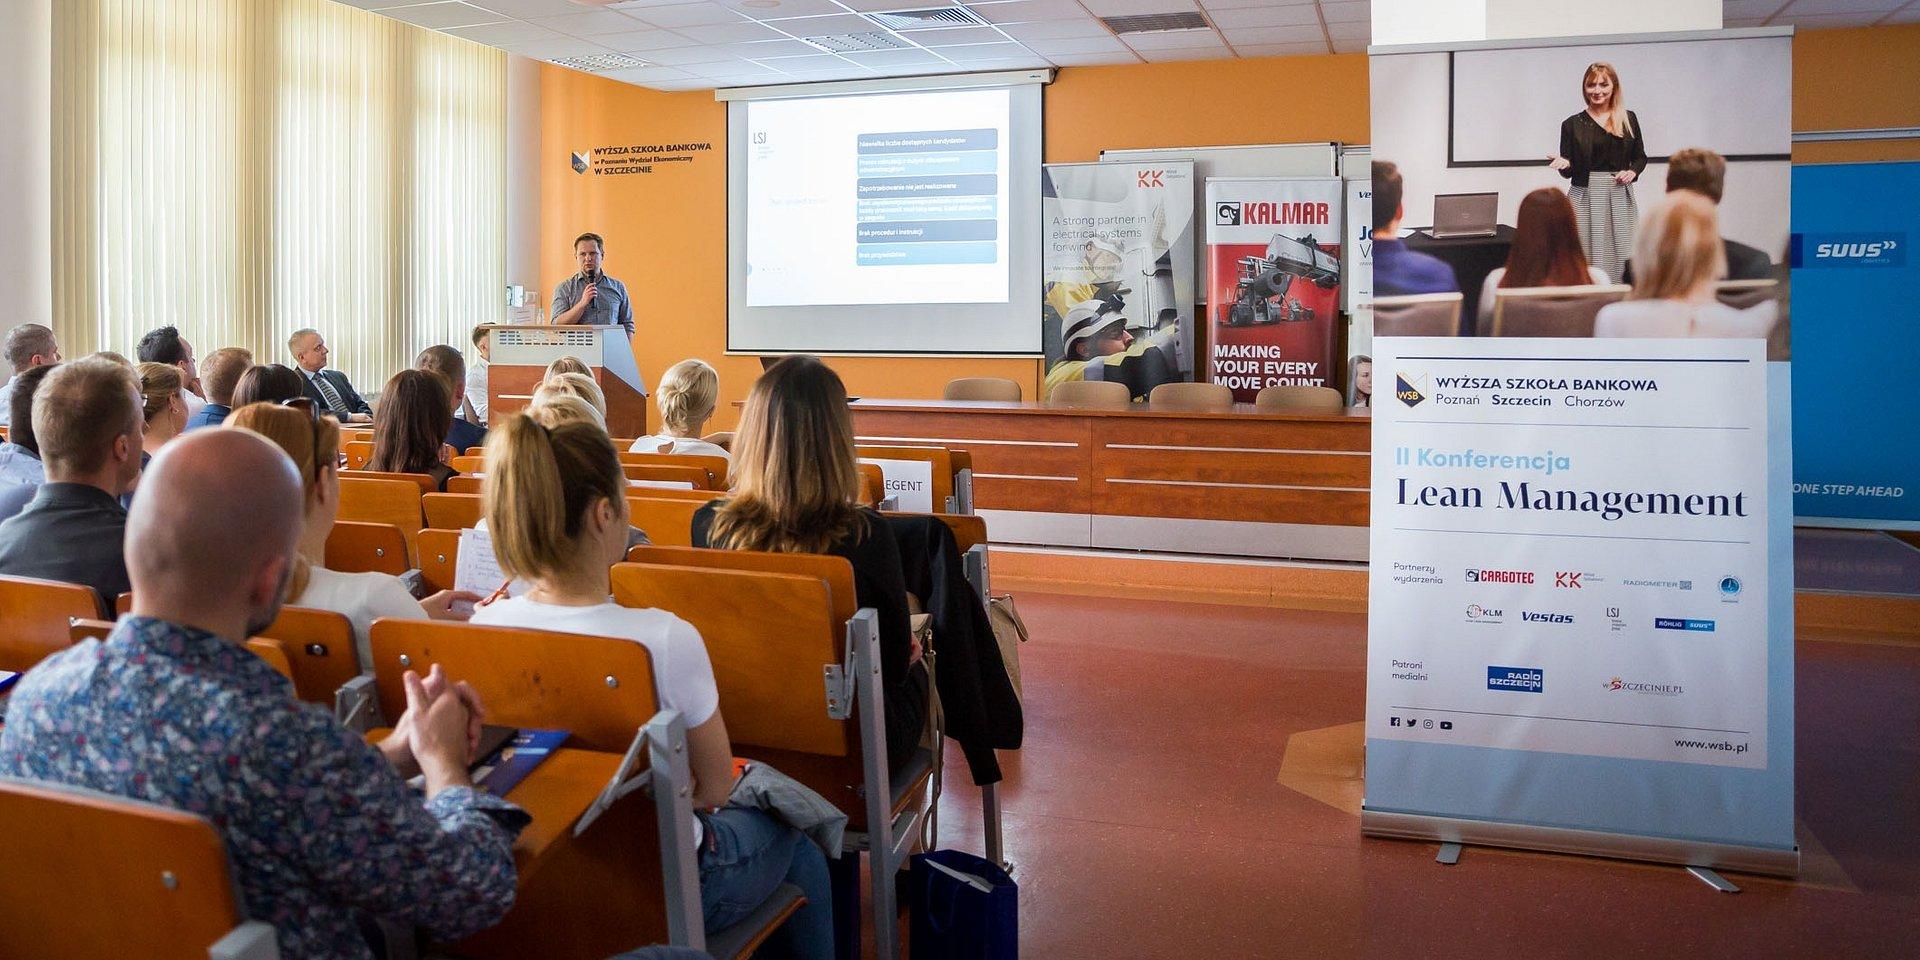 Praktycy i zwolennicy koncepcji Lean Management zaprezentowali jej wpływ na obecny rynek pracy.